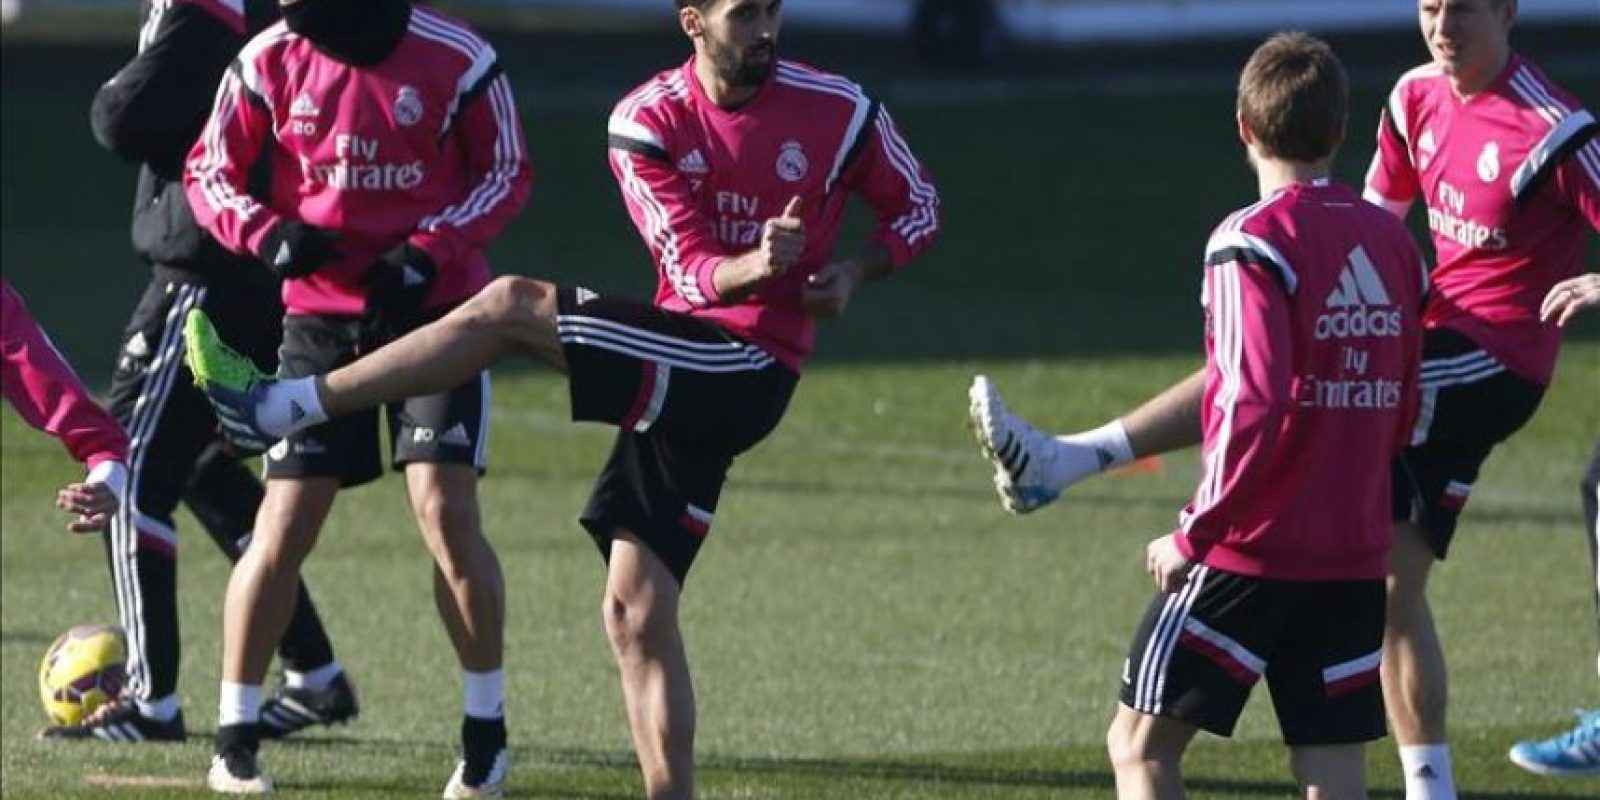 Los jugadores del Real Madrid Jesé, Alvaro Arbeloam Toni Kroos e Illarramendi,i-d., durante el entrenamiento que el equipo realizó hoy en la Ciudad deportiva de Valdebebas de cara al partido de liga que disputarán mañana domingo contra el Getafe. EFE